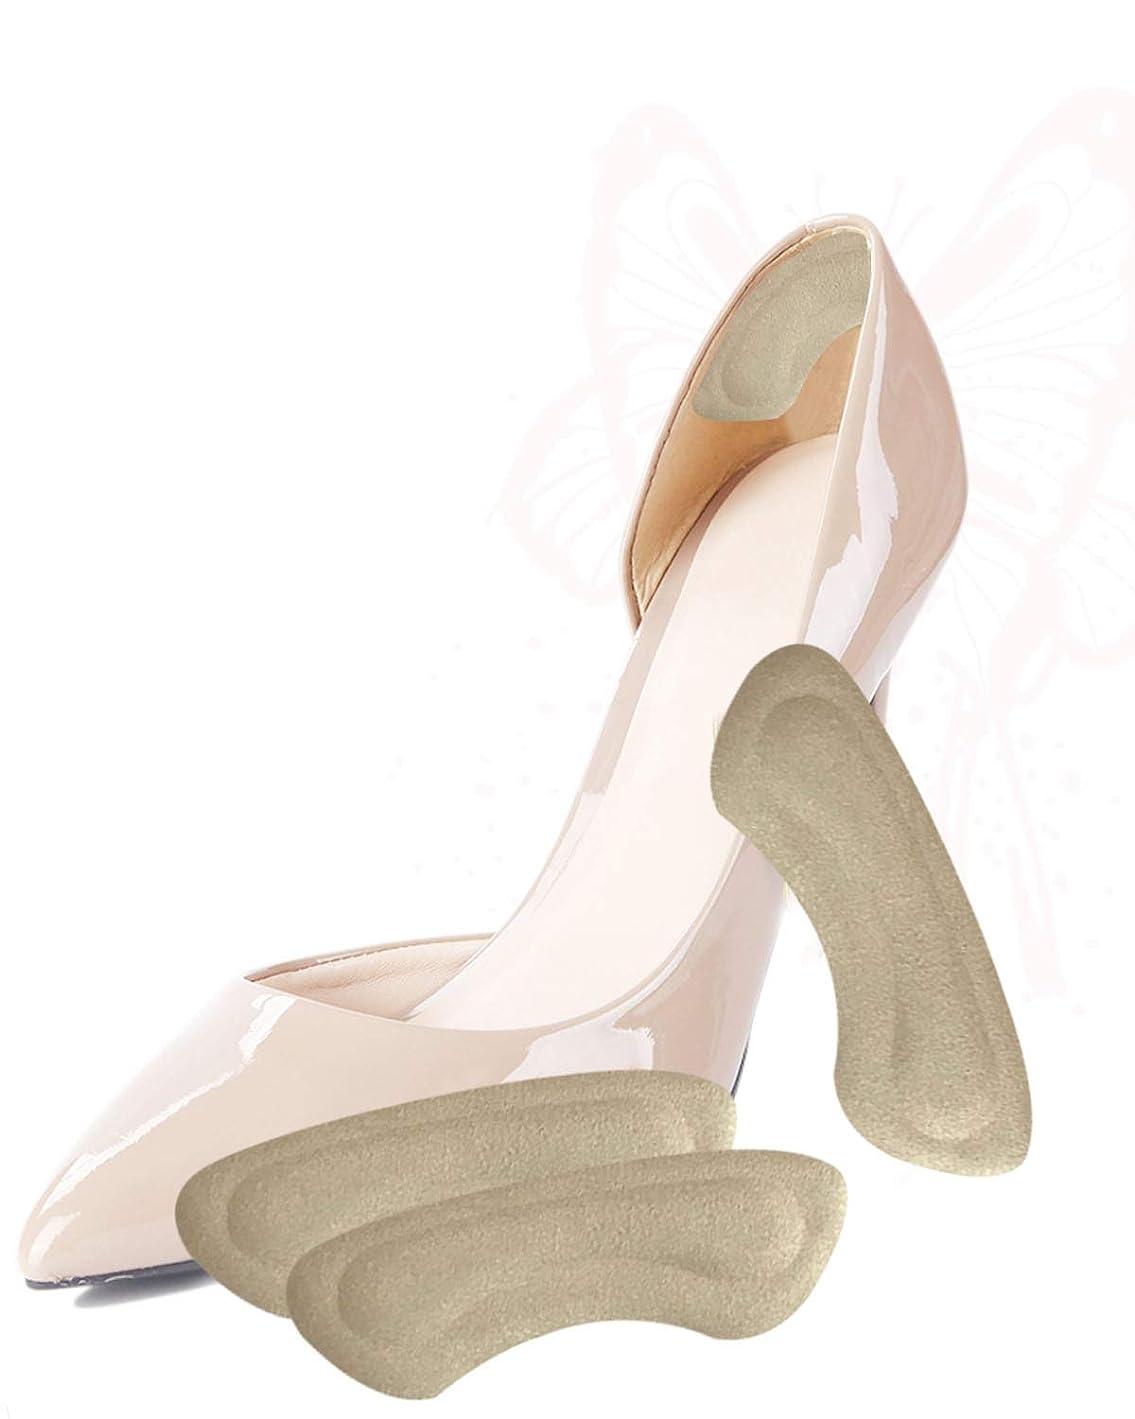 印をつける兄読書靴ずれ 防止 パッド かかと テープ 【4枚セット】 天然素材 化学合成素材不使用 自然なソフト 耐久性 柔軟性 靴擦れ くつずれ クツズレ 靴づれ くつ擦れ 靴ズレ くつづれ 踵 カカト 痛い時 新しい靴 新生活